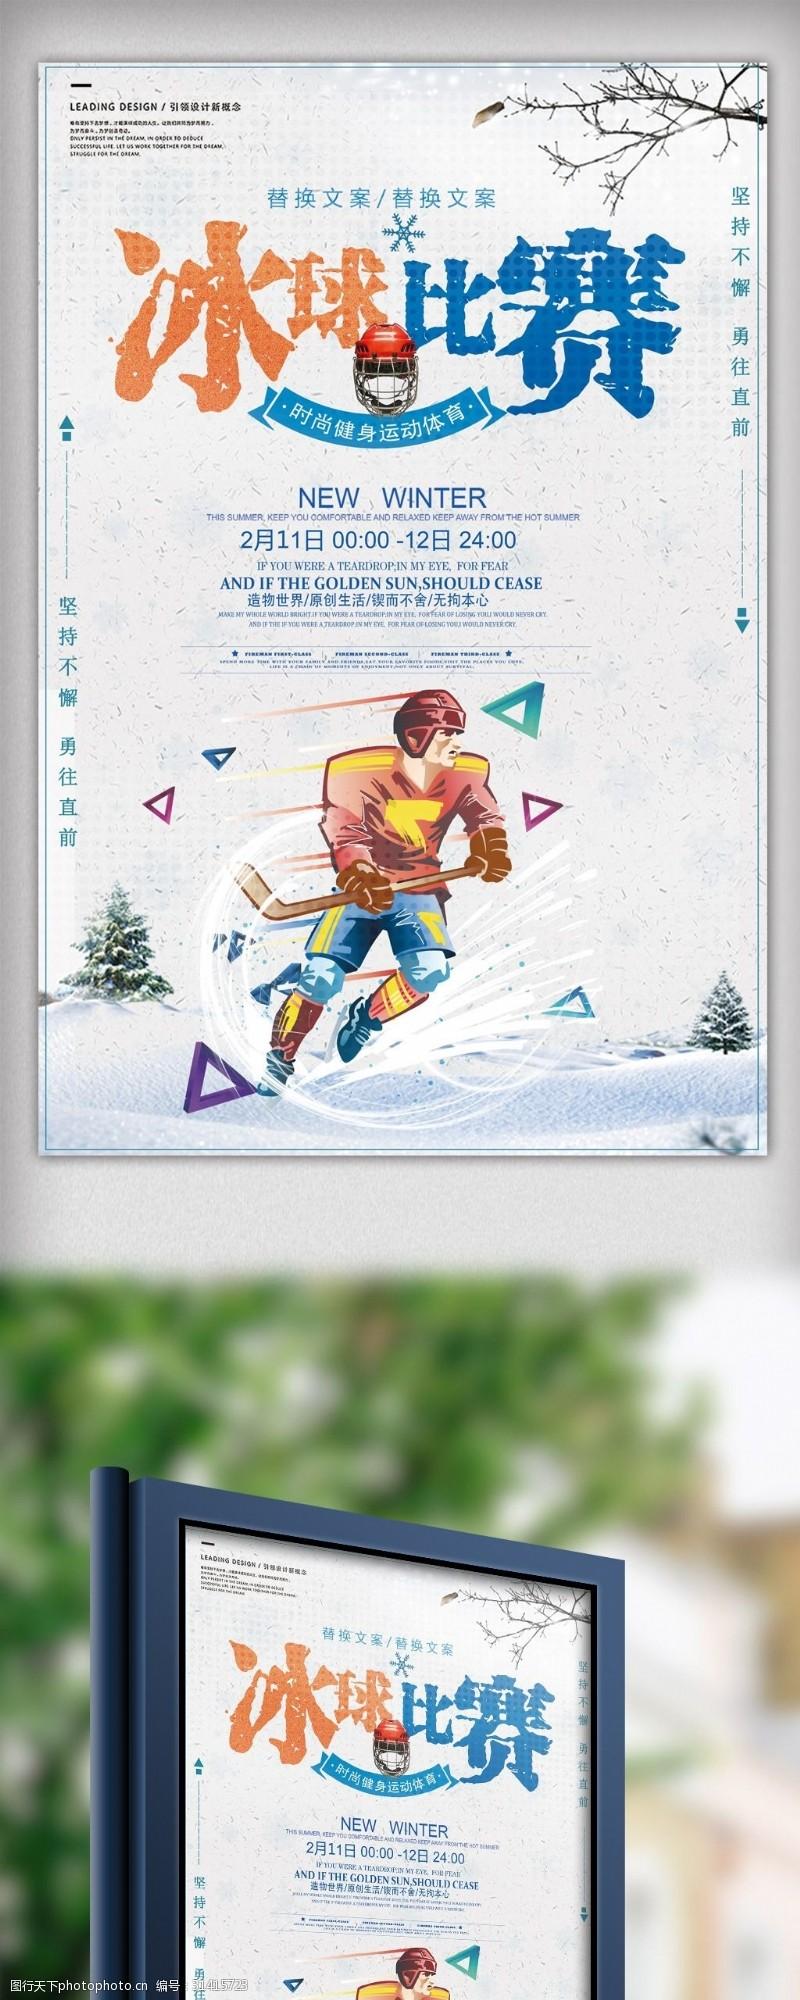 2018大气冰球比赛海报